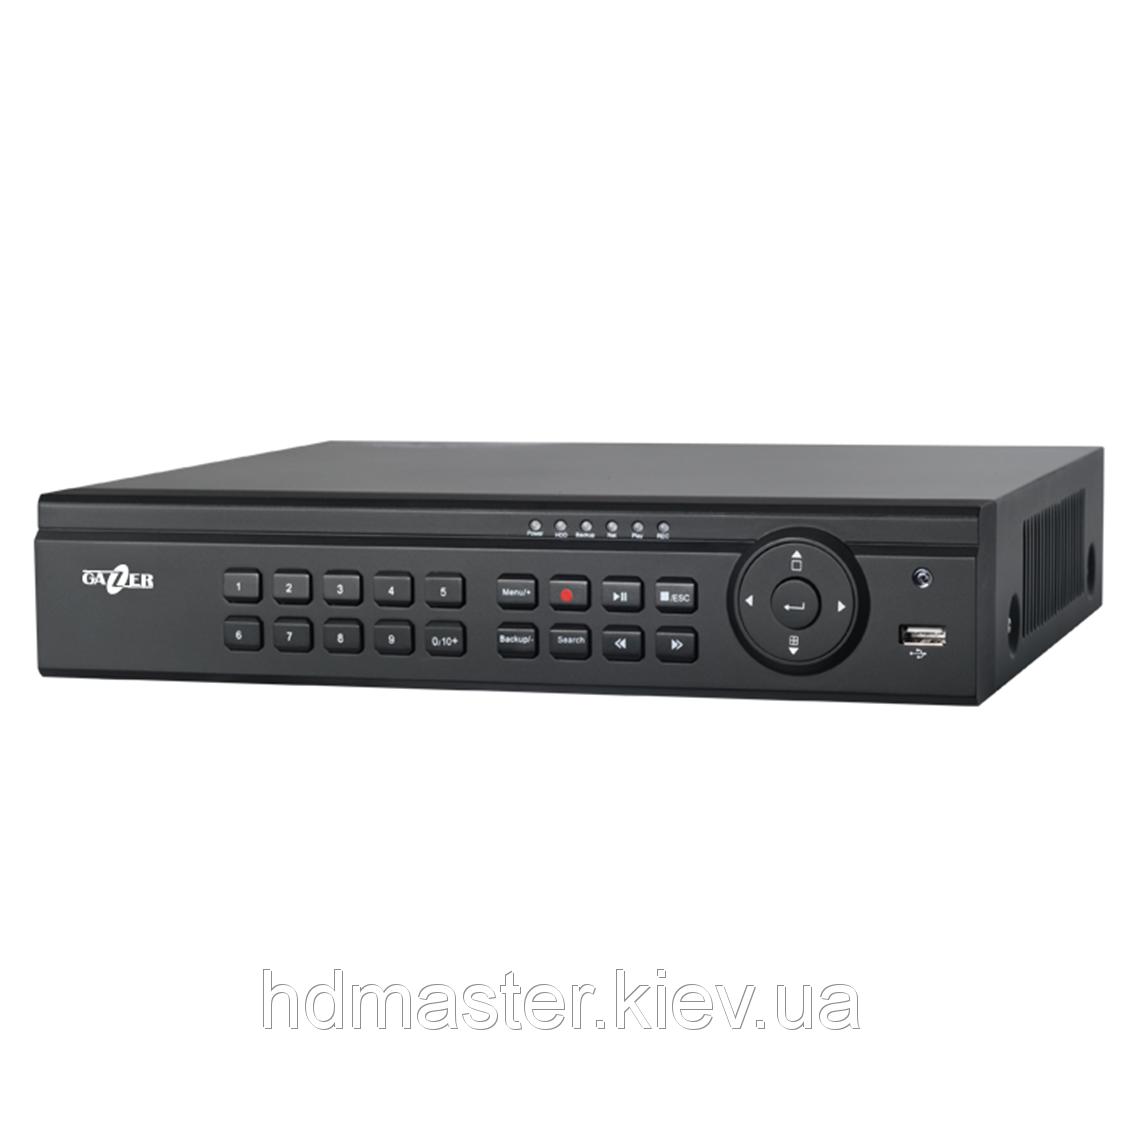 Видеорегистратор HD-SDI Gazer NF708r